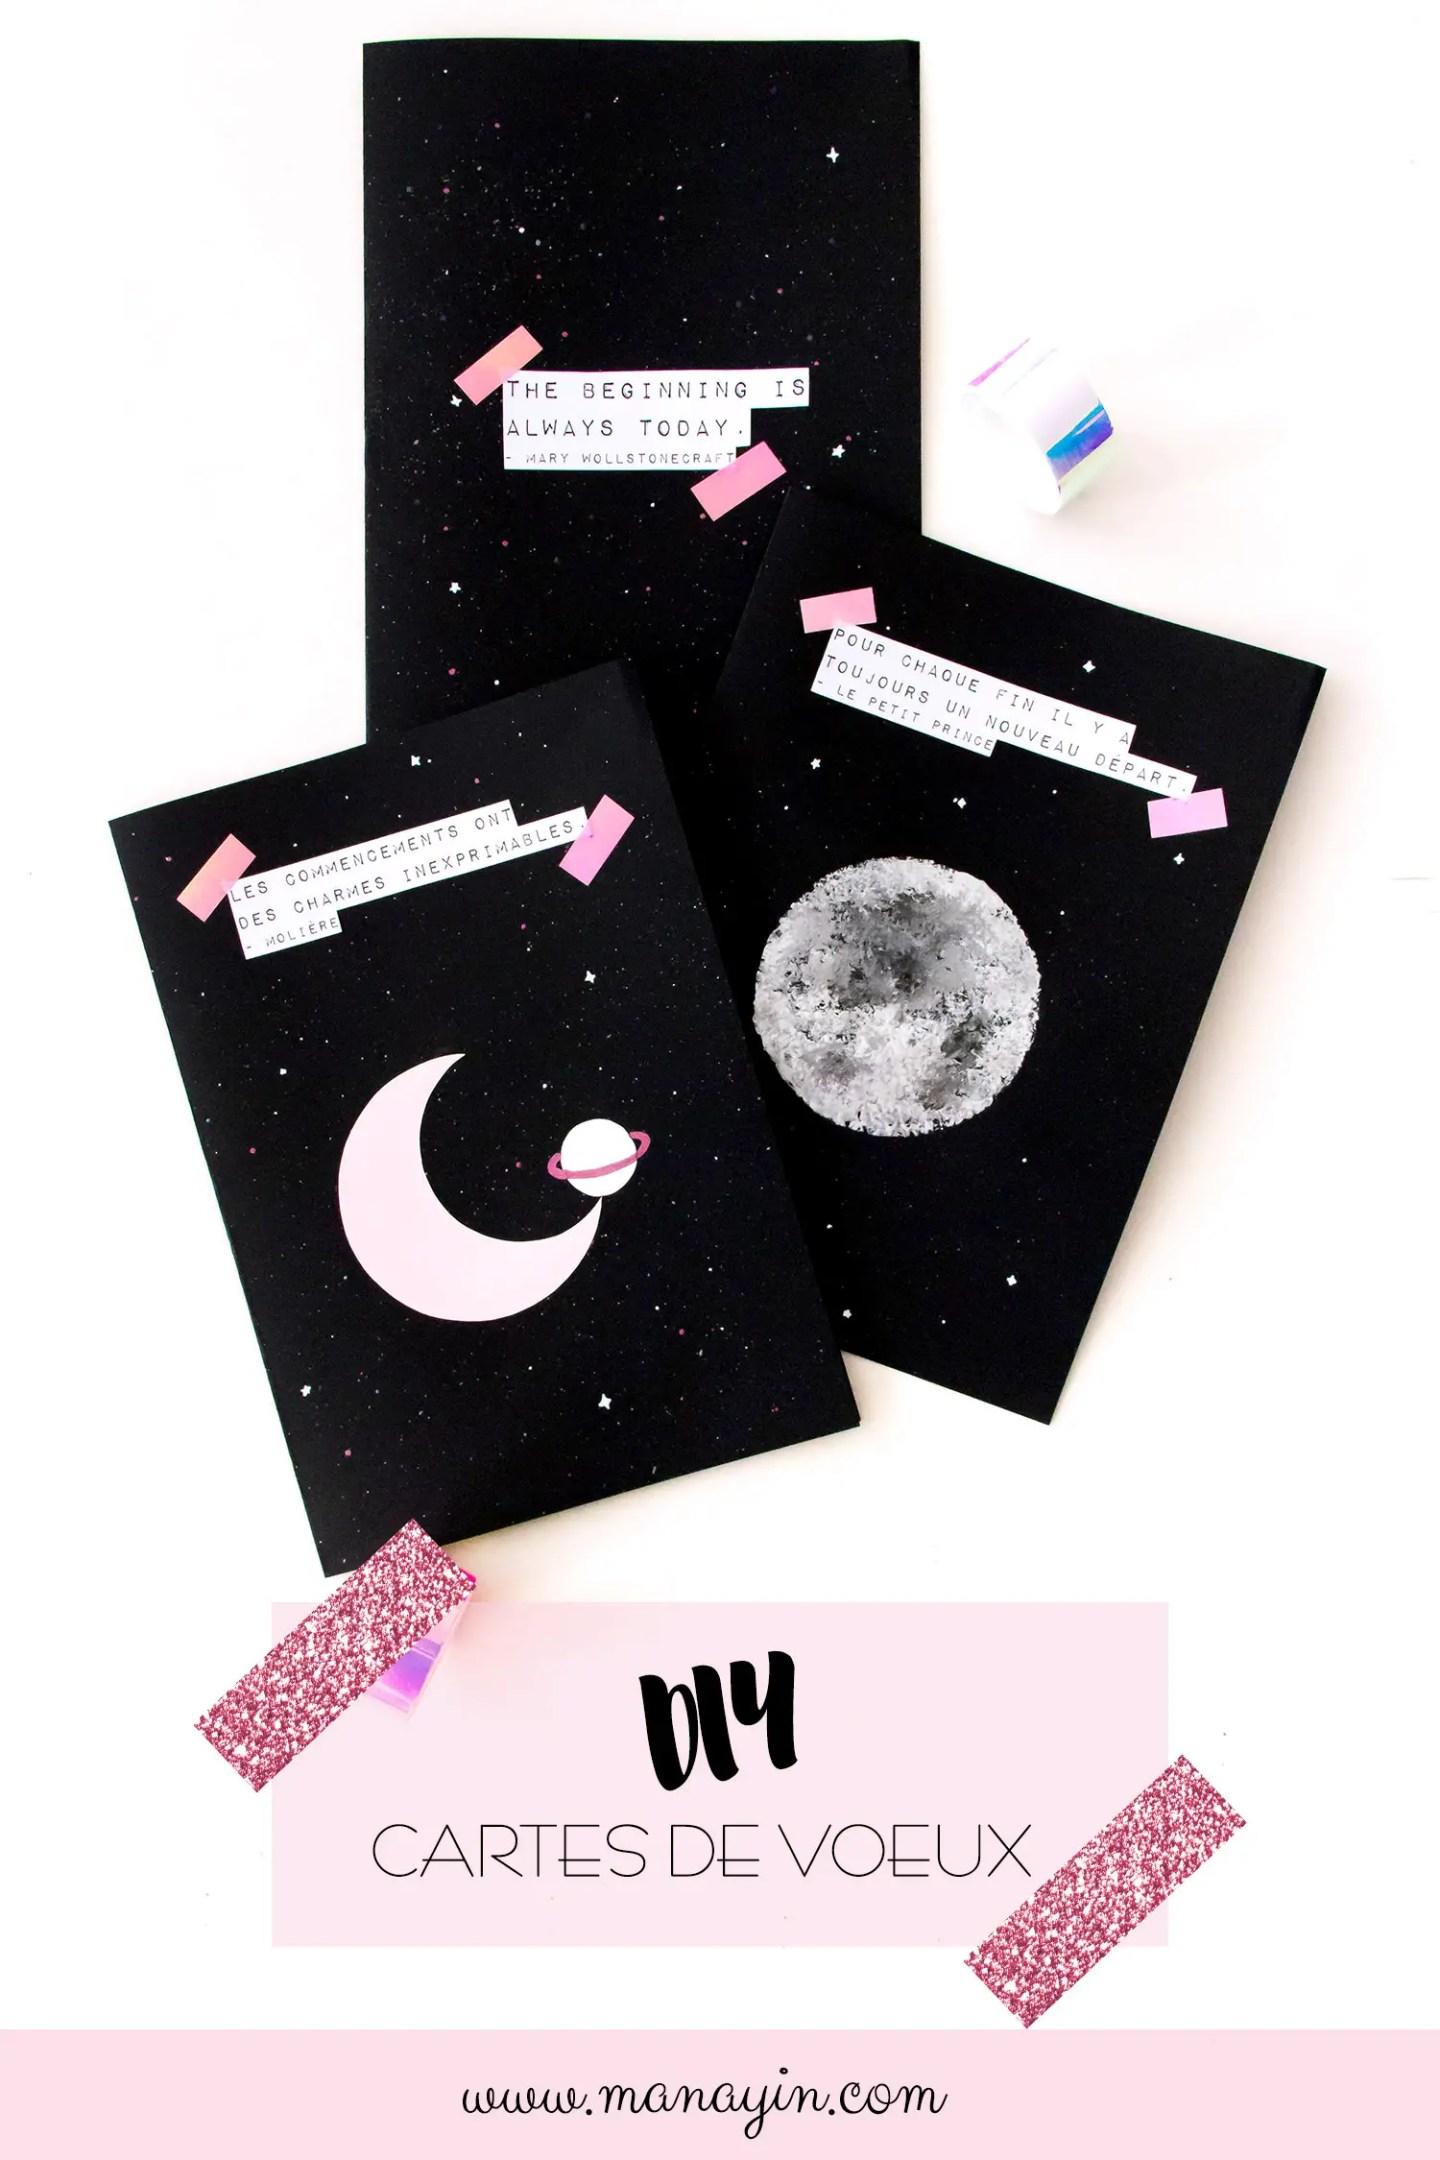 diy : créer ses cartes de voeux pour 2018 - inspiration cosmique